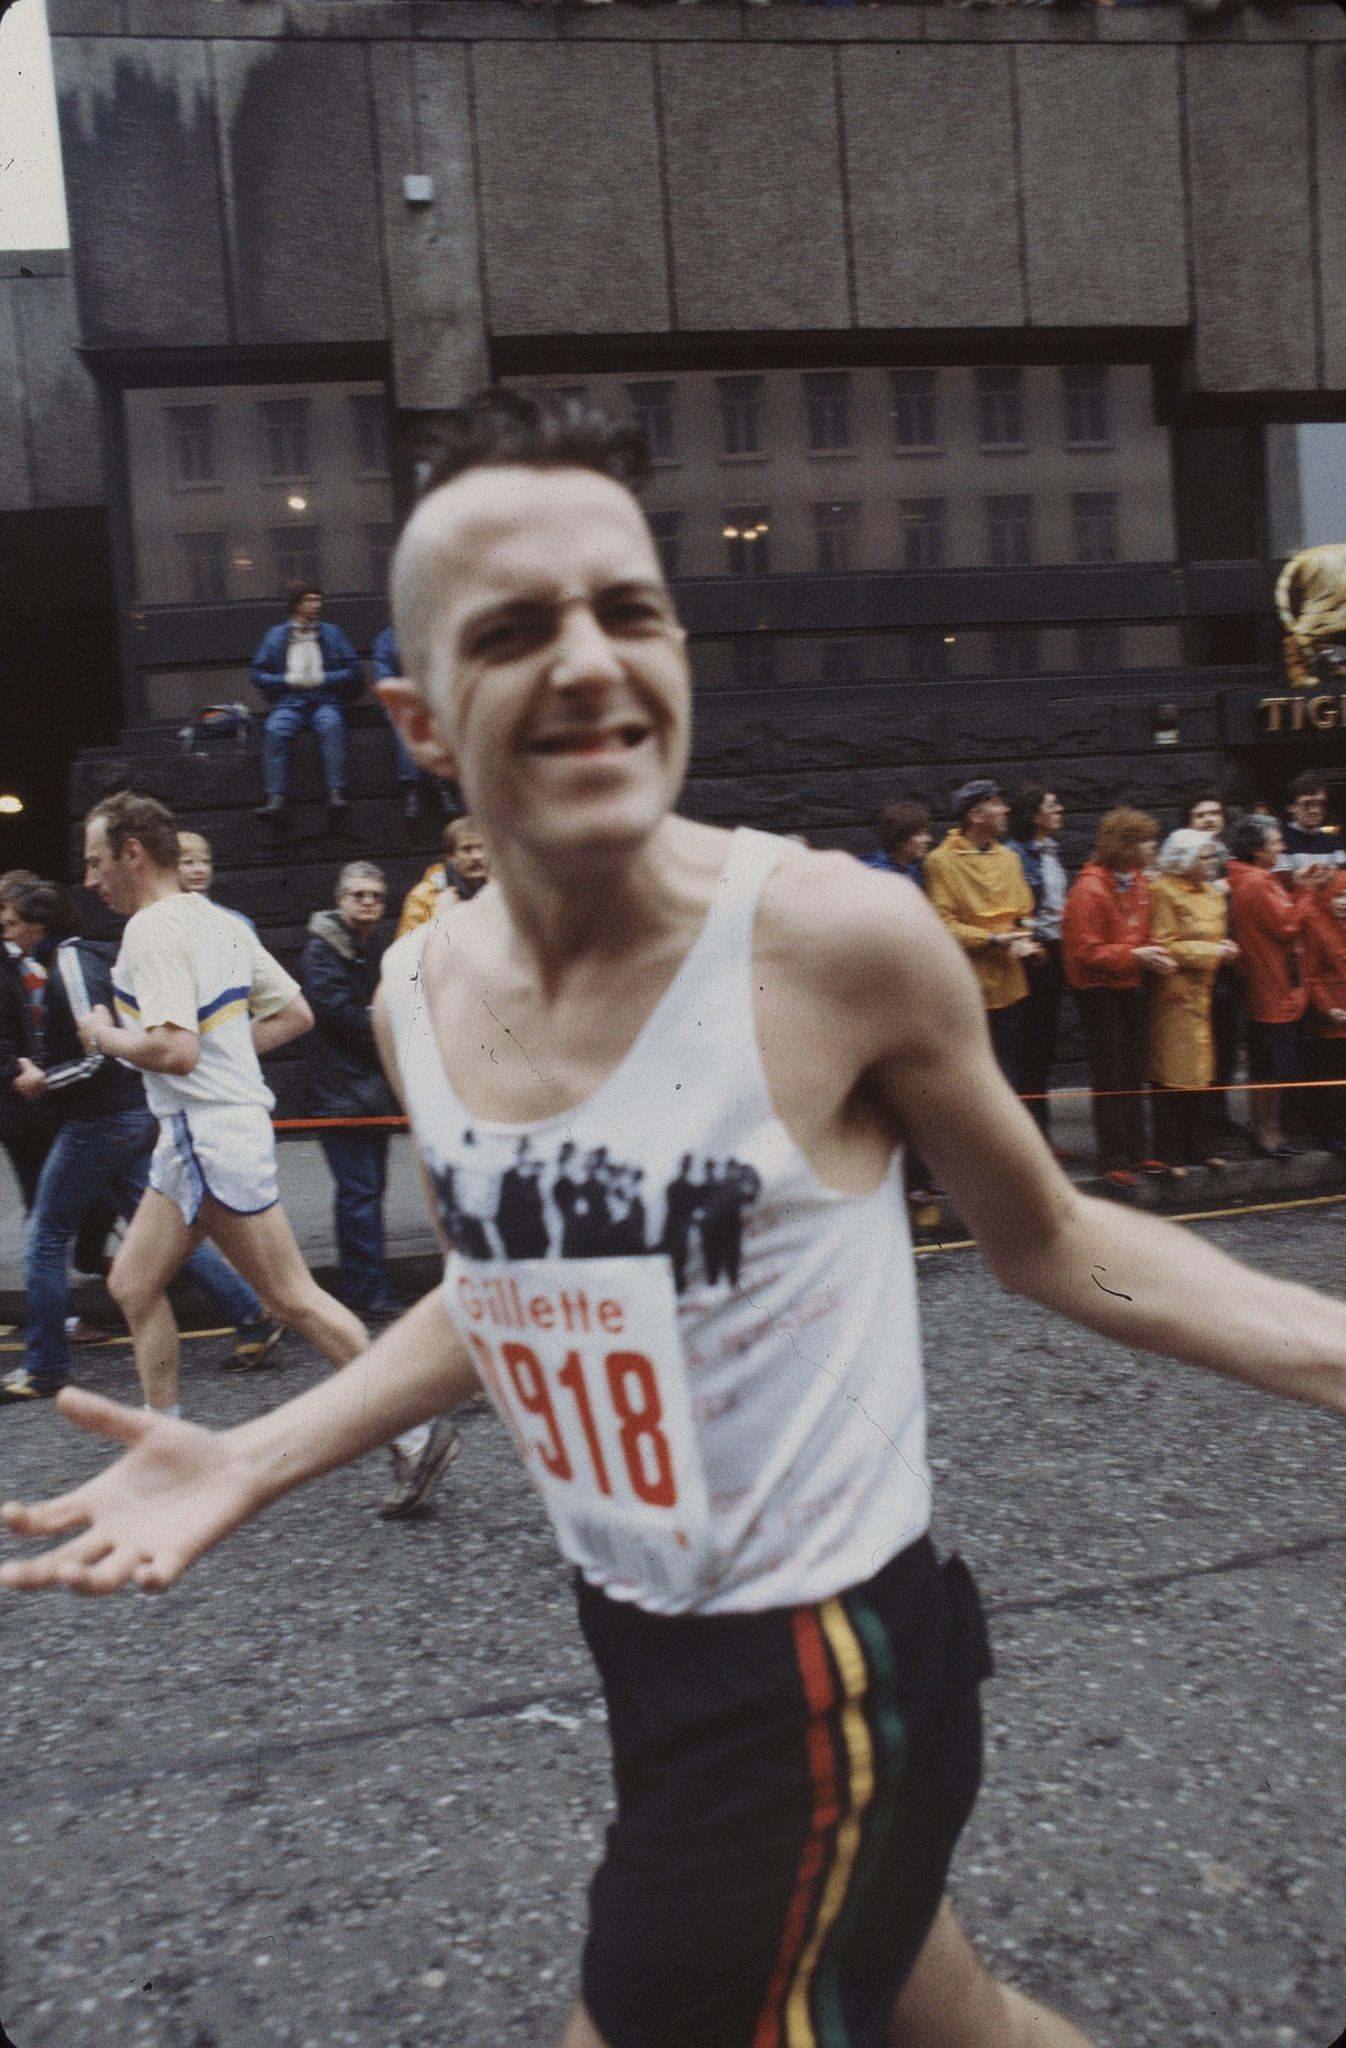 Fotos de Joe Strummer corriendo el Maratón de Londres de 1983